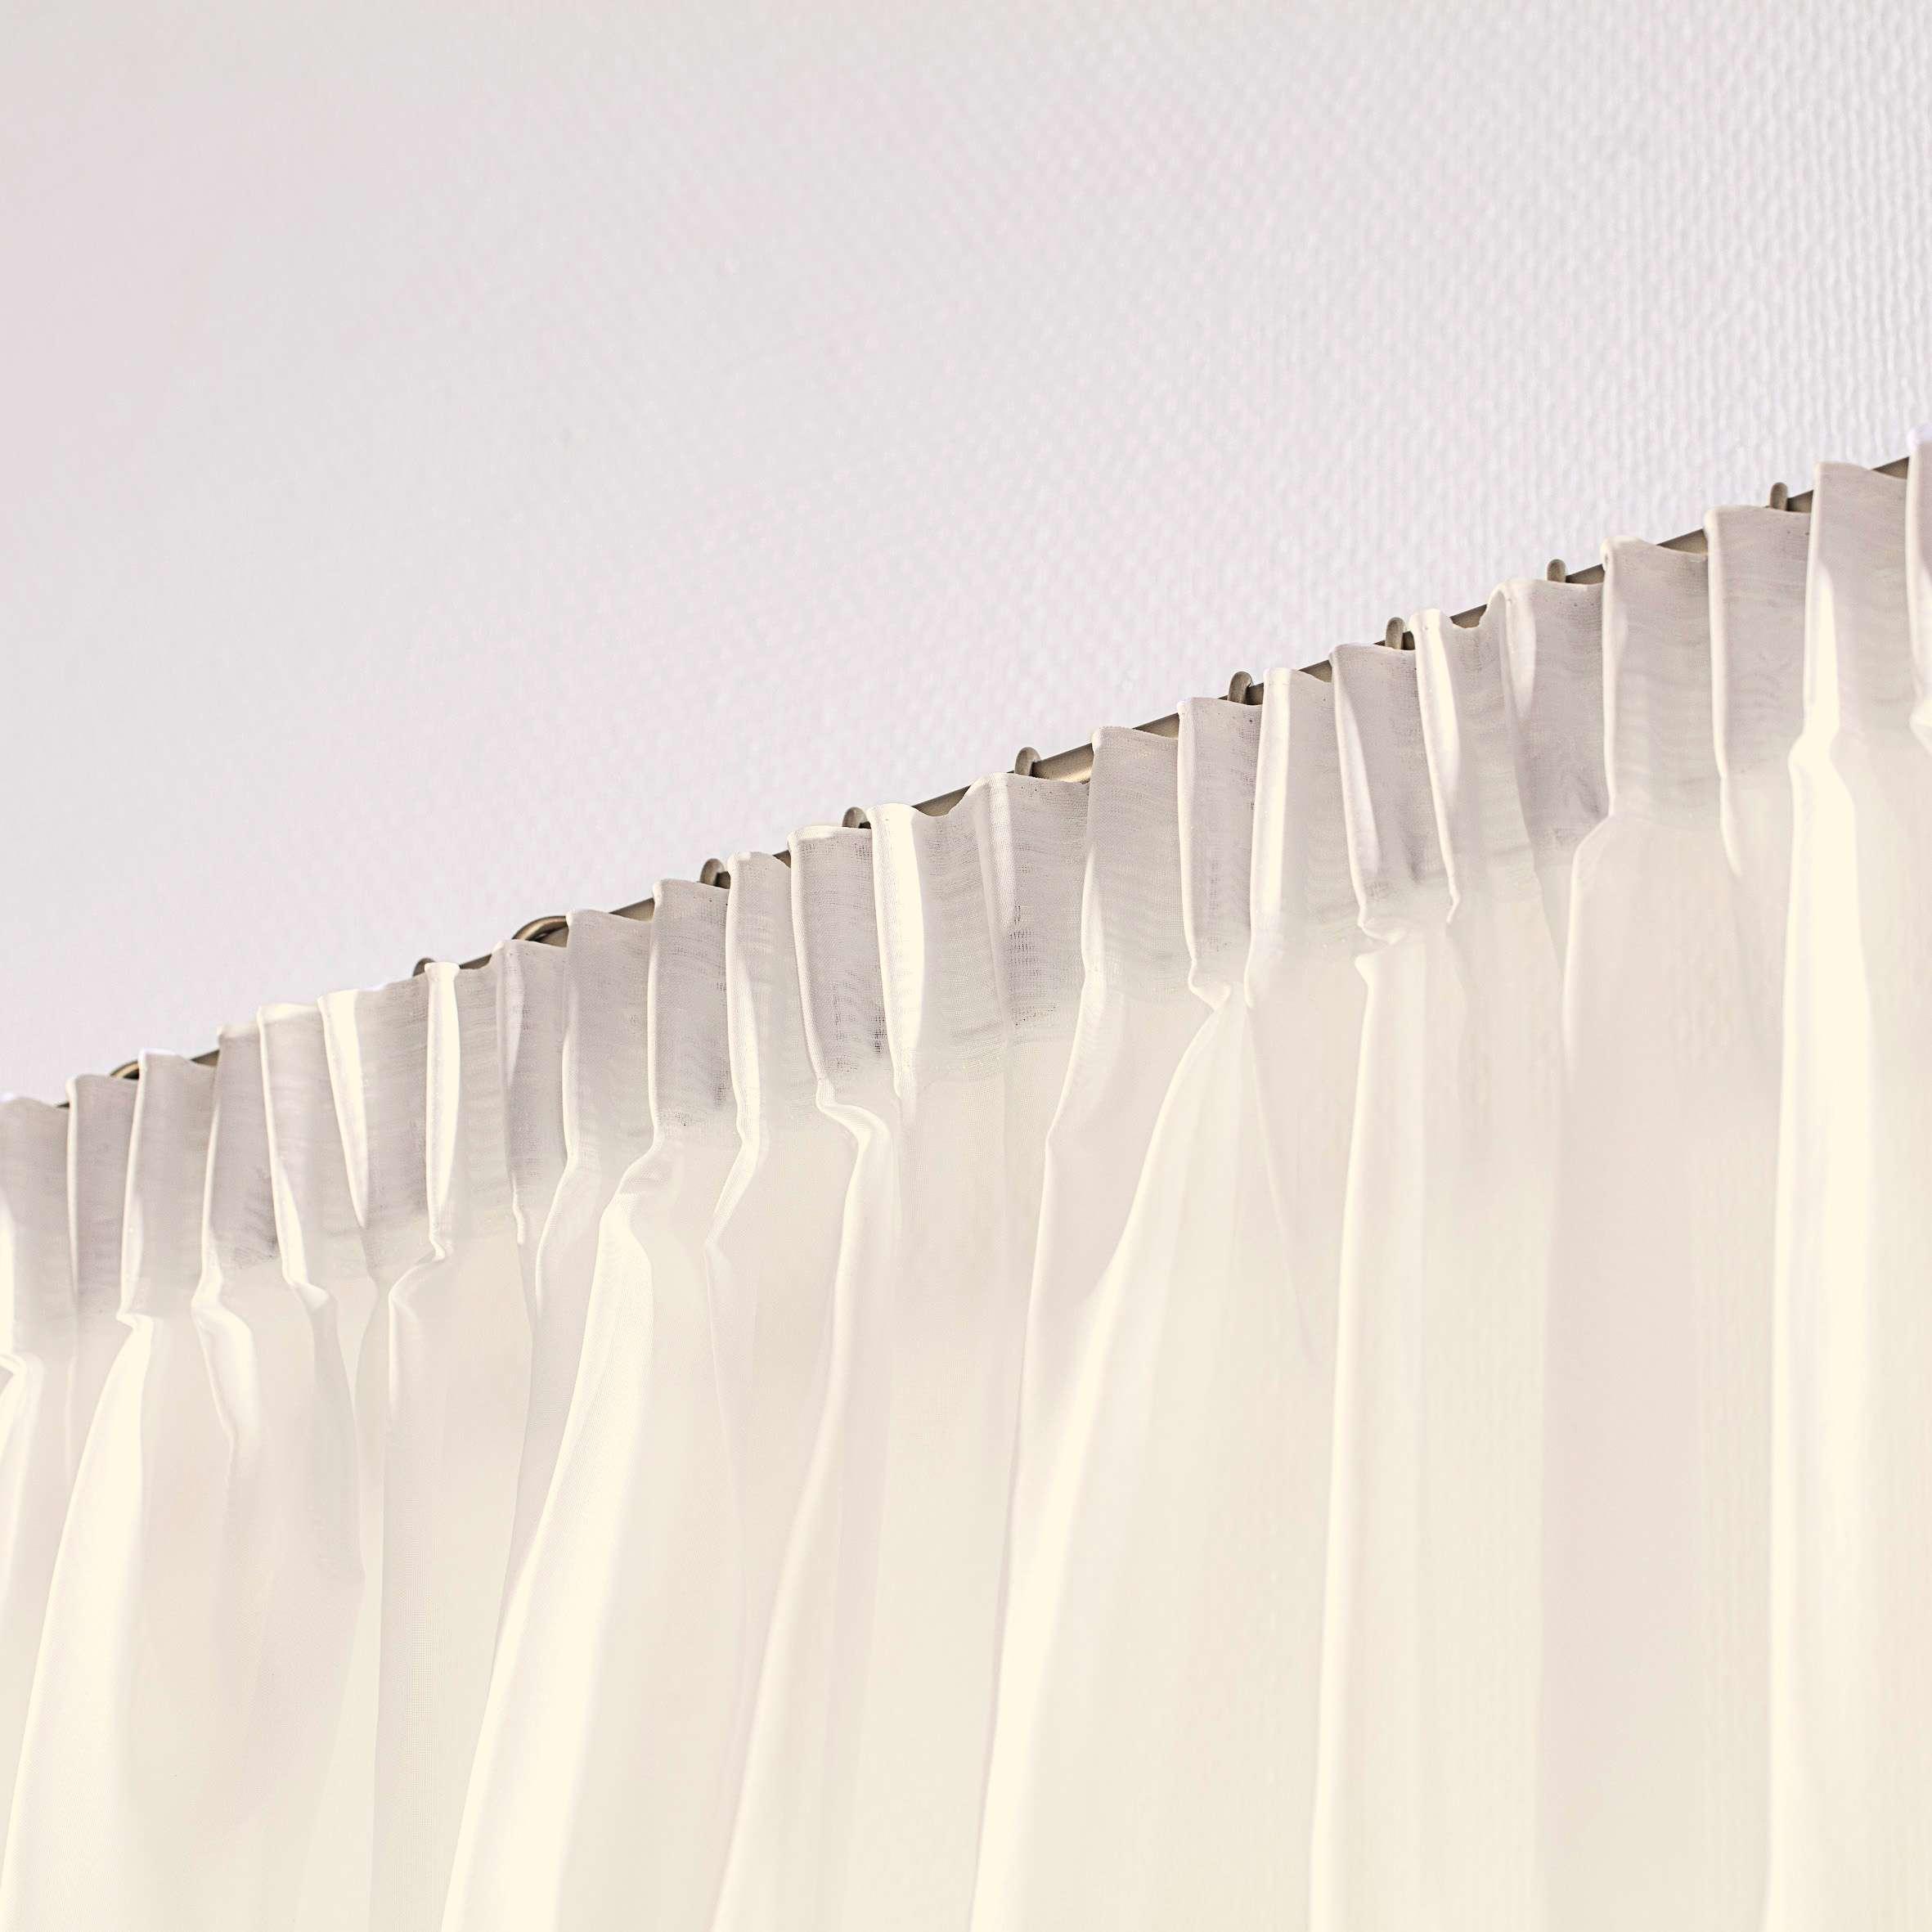 Firana woalowa prosta na taśmie 300x260cm w kolekcji Woale, tkanina: 900-01